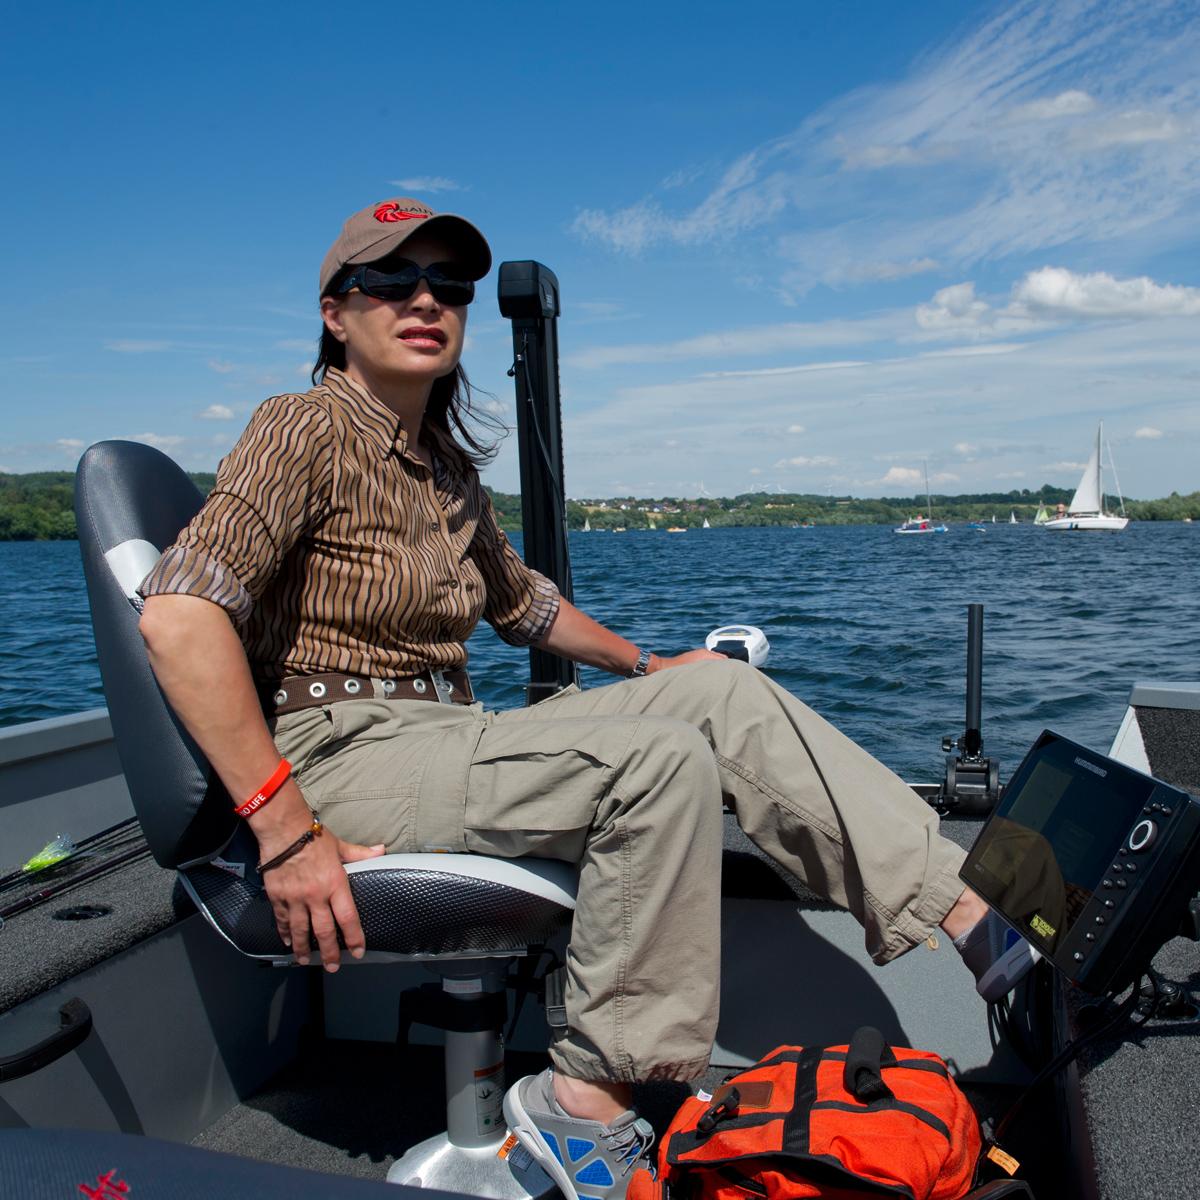 Mirjana Pavlic beim Guiding auf dem Möhnesee